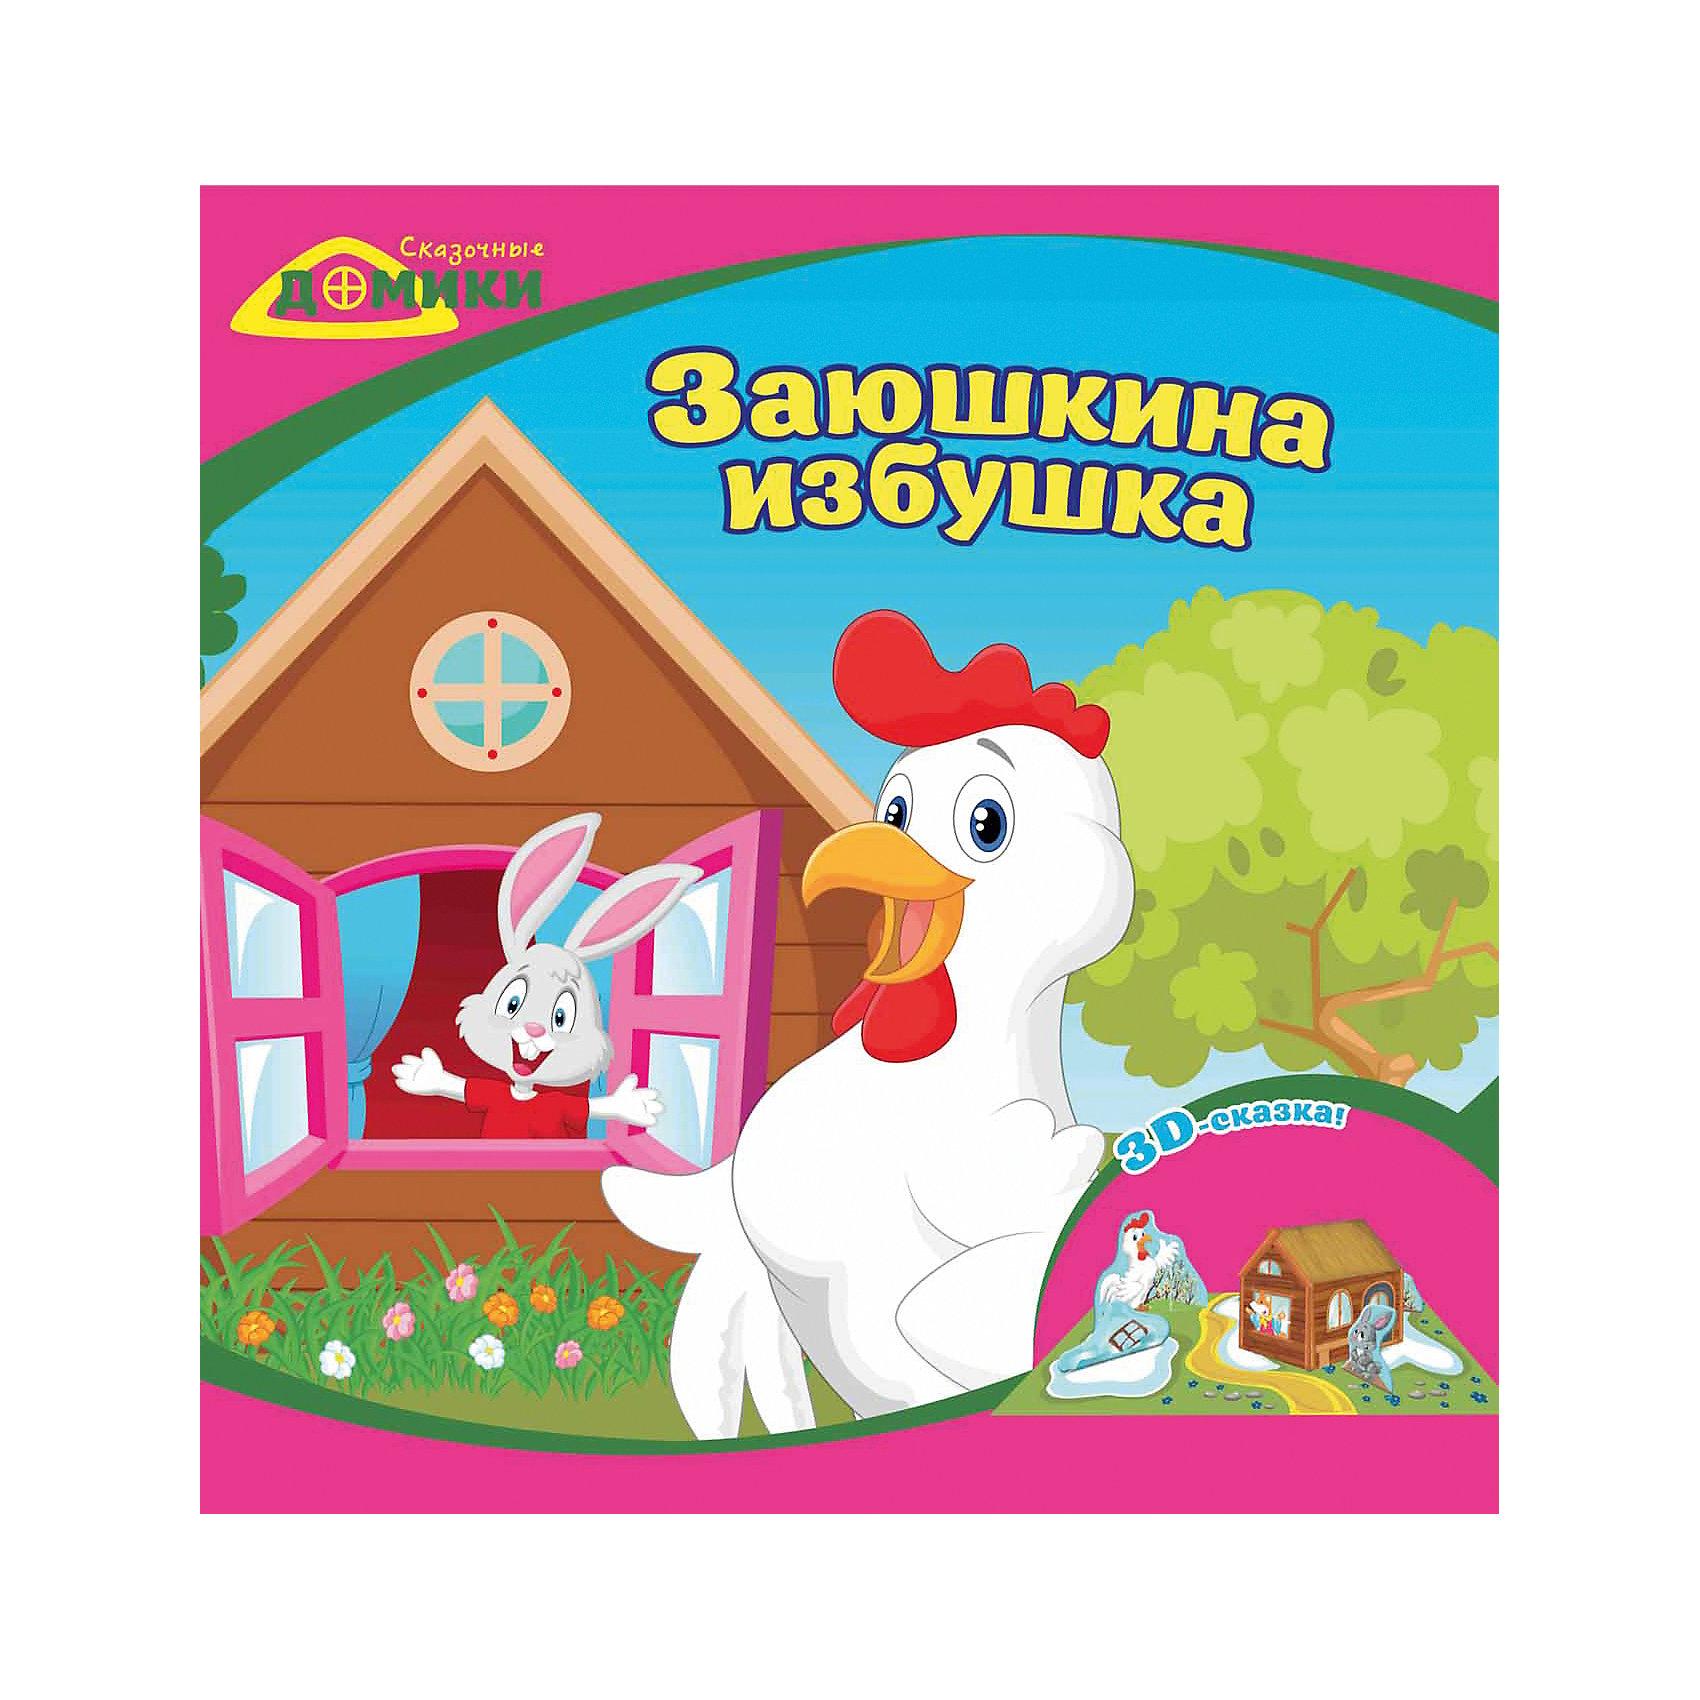 3D сказка Заюшкина избушкаРукоделие<br>Книга Заюшкина избушка<br><br>Характеристики: <br><br>• Кол-во страниц: 10<br>• ISBN: 9785222256220<br>• Возраст: 0+<br>• Обложка: мягкая бумажная<br>• Формат: а4<br><br>Эта книга-набор позволяет собрать свой  собственный объемный домик из сказки Заюшкина избушка в формате 3D. Для работы необходимы ножницы и клей, все остальное содержится в наборе. Возможность оживить часть сказки понравится многим детям и их родителям. Работа с таким набором позволяет развить мелкую моторику ребенка и весело провести время в семье.<br><br>Книгу Заюшкина избушка можно купить в нашем интернет-магазине.<br><br>Ширина мм: 215<br>Глубина мм: 215<br>Высота мм: 10<br>Вес г: 42<br>Возраст от месяцев: -2147483648<br>Возраст до месяцев: 2147483647<br>Пол: Унисекс<br>Возраст: Детский<br>SKU: 5464501